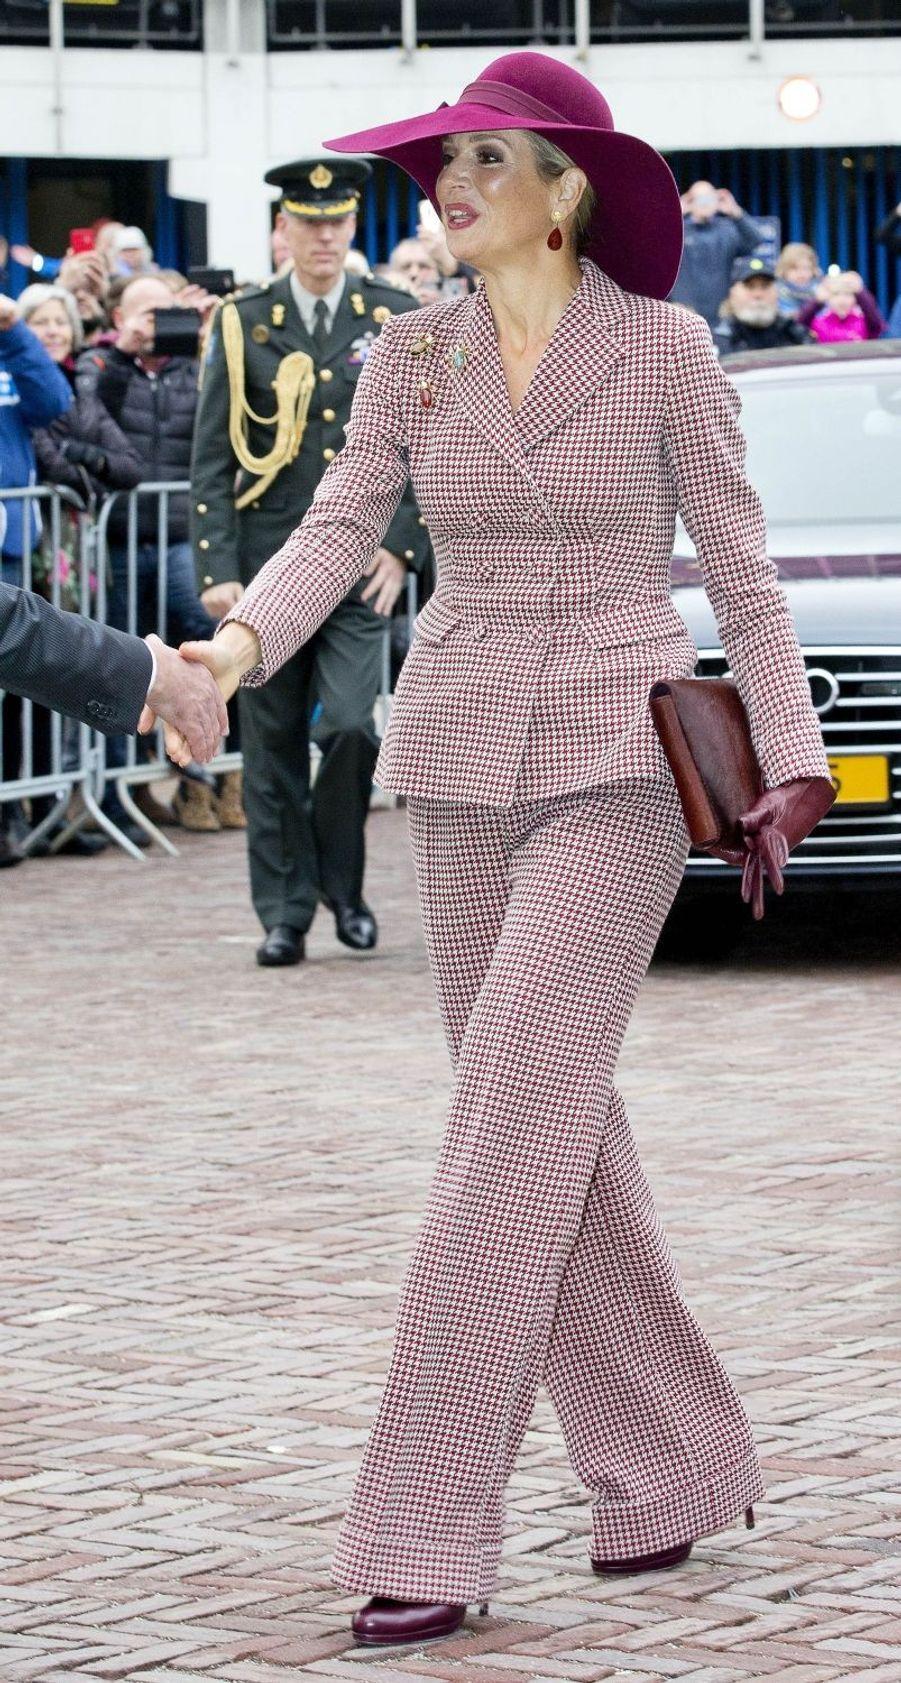 La reine Maxima des Pays-Bas à son arrivée à Arnhem, le 12 janvier 2018